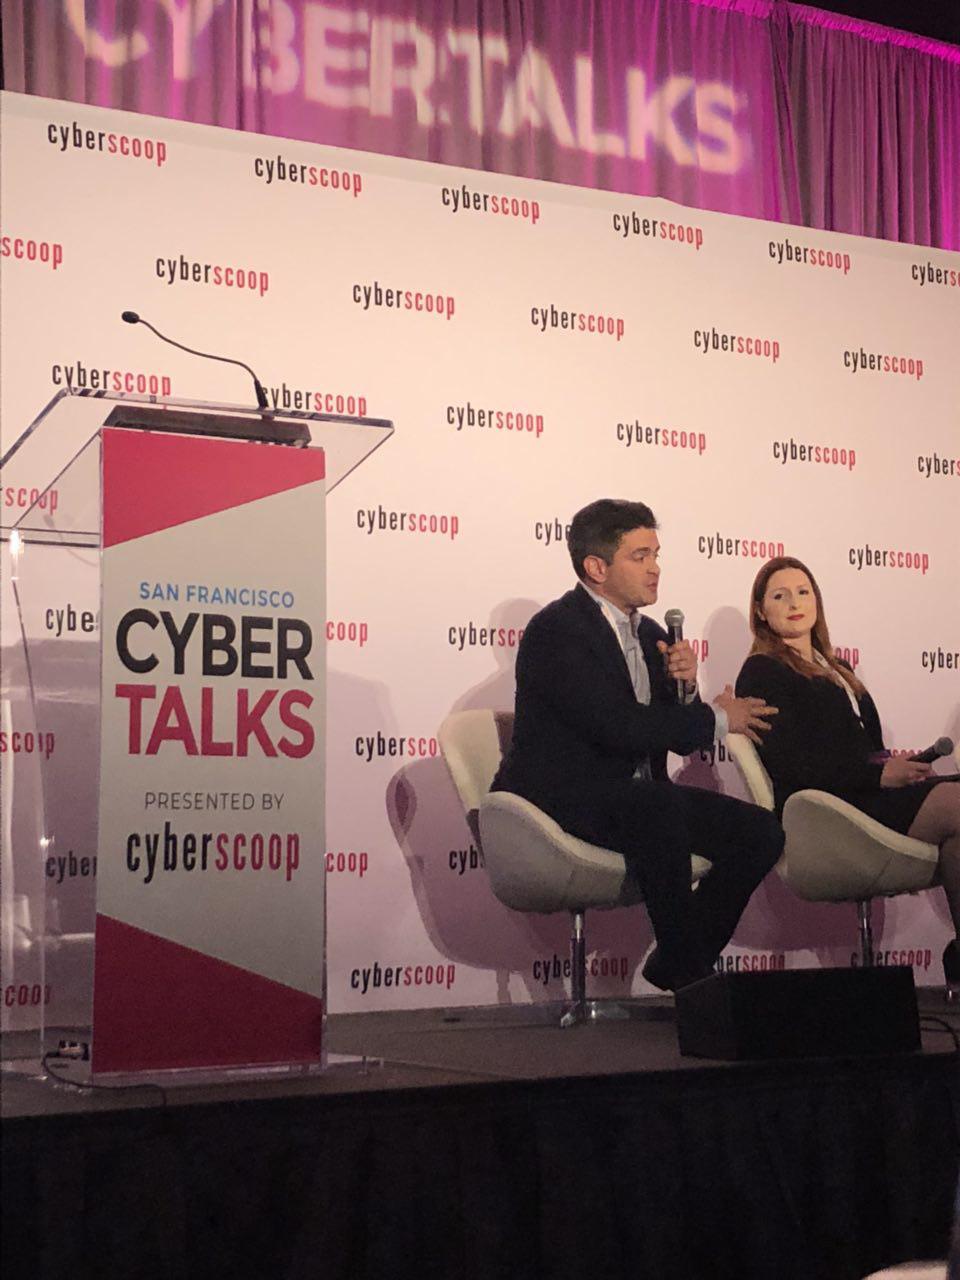 sfo-cybertalk-cyberscoop-event-picture